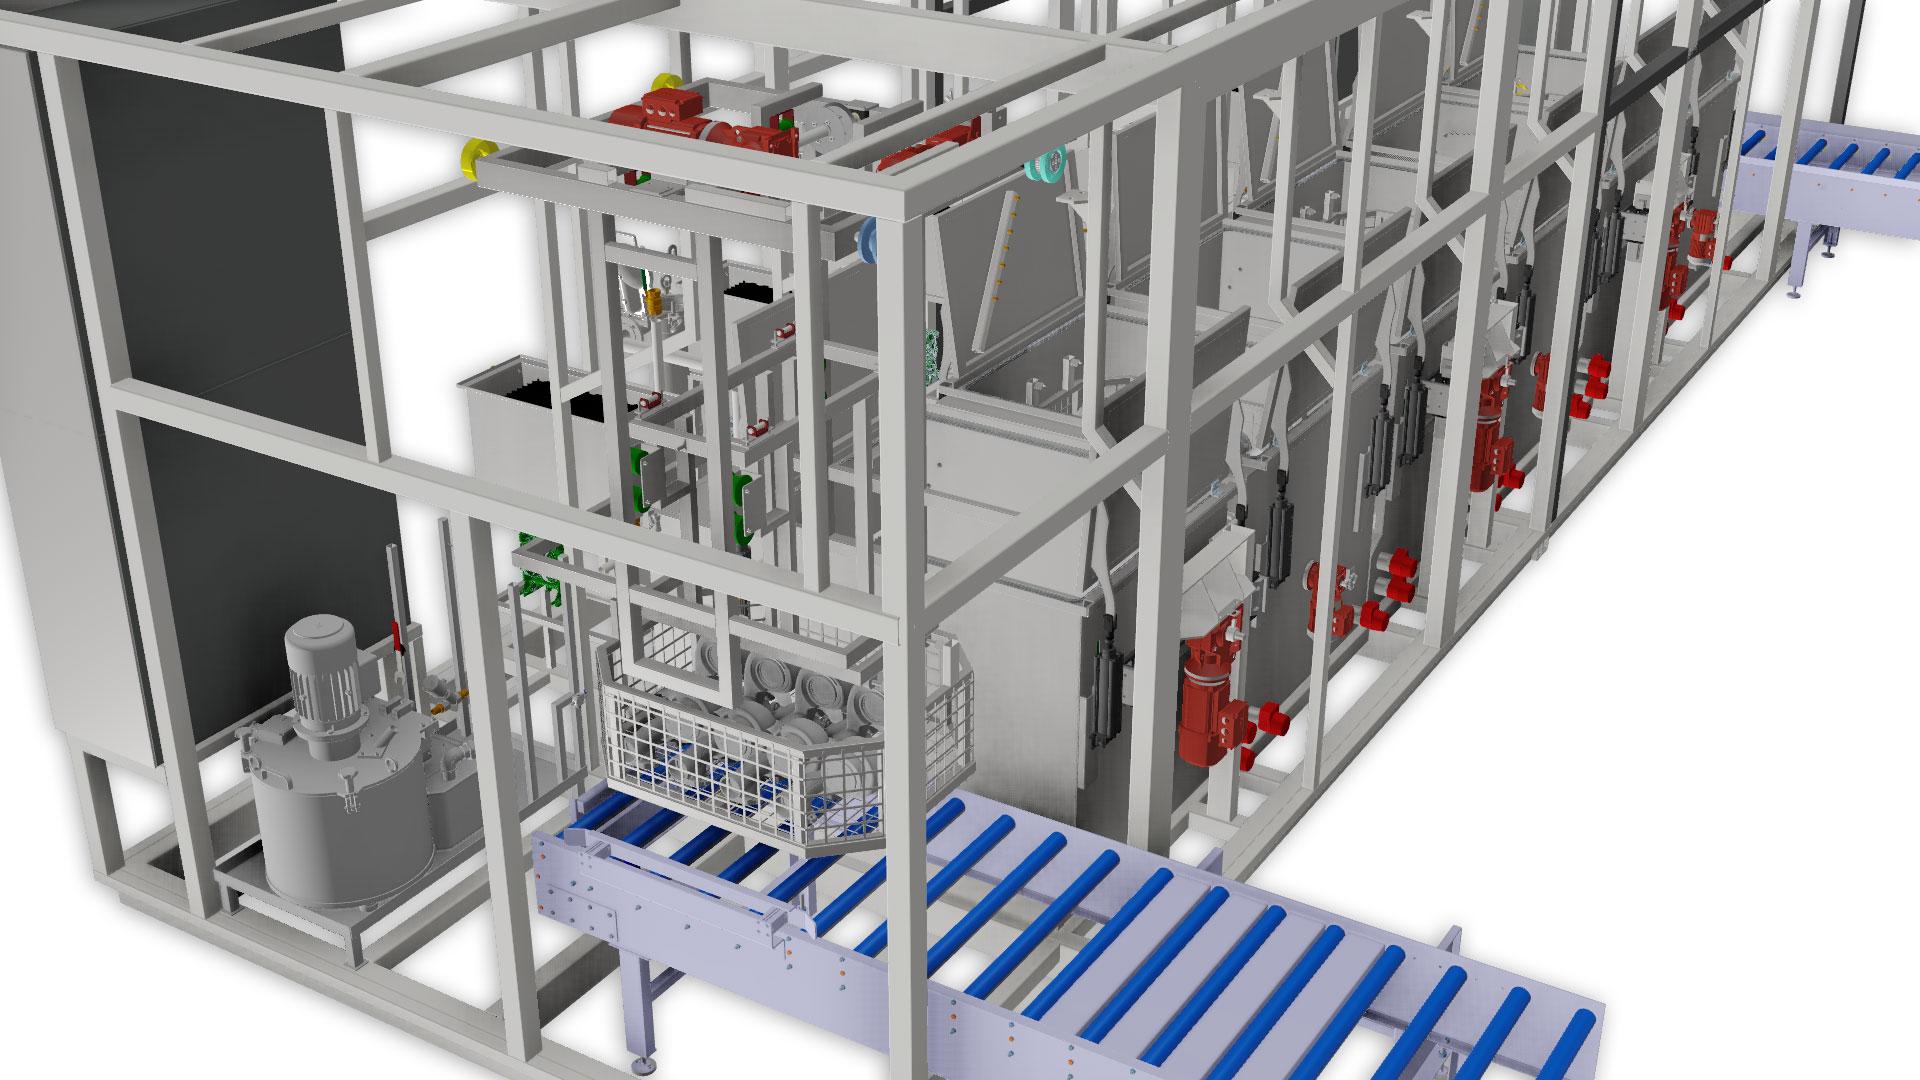 projektowanie myjni przemysłowych